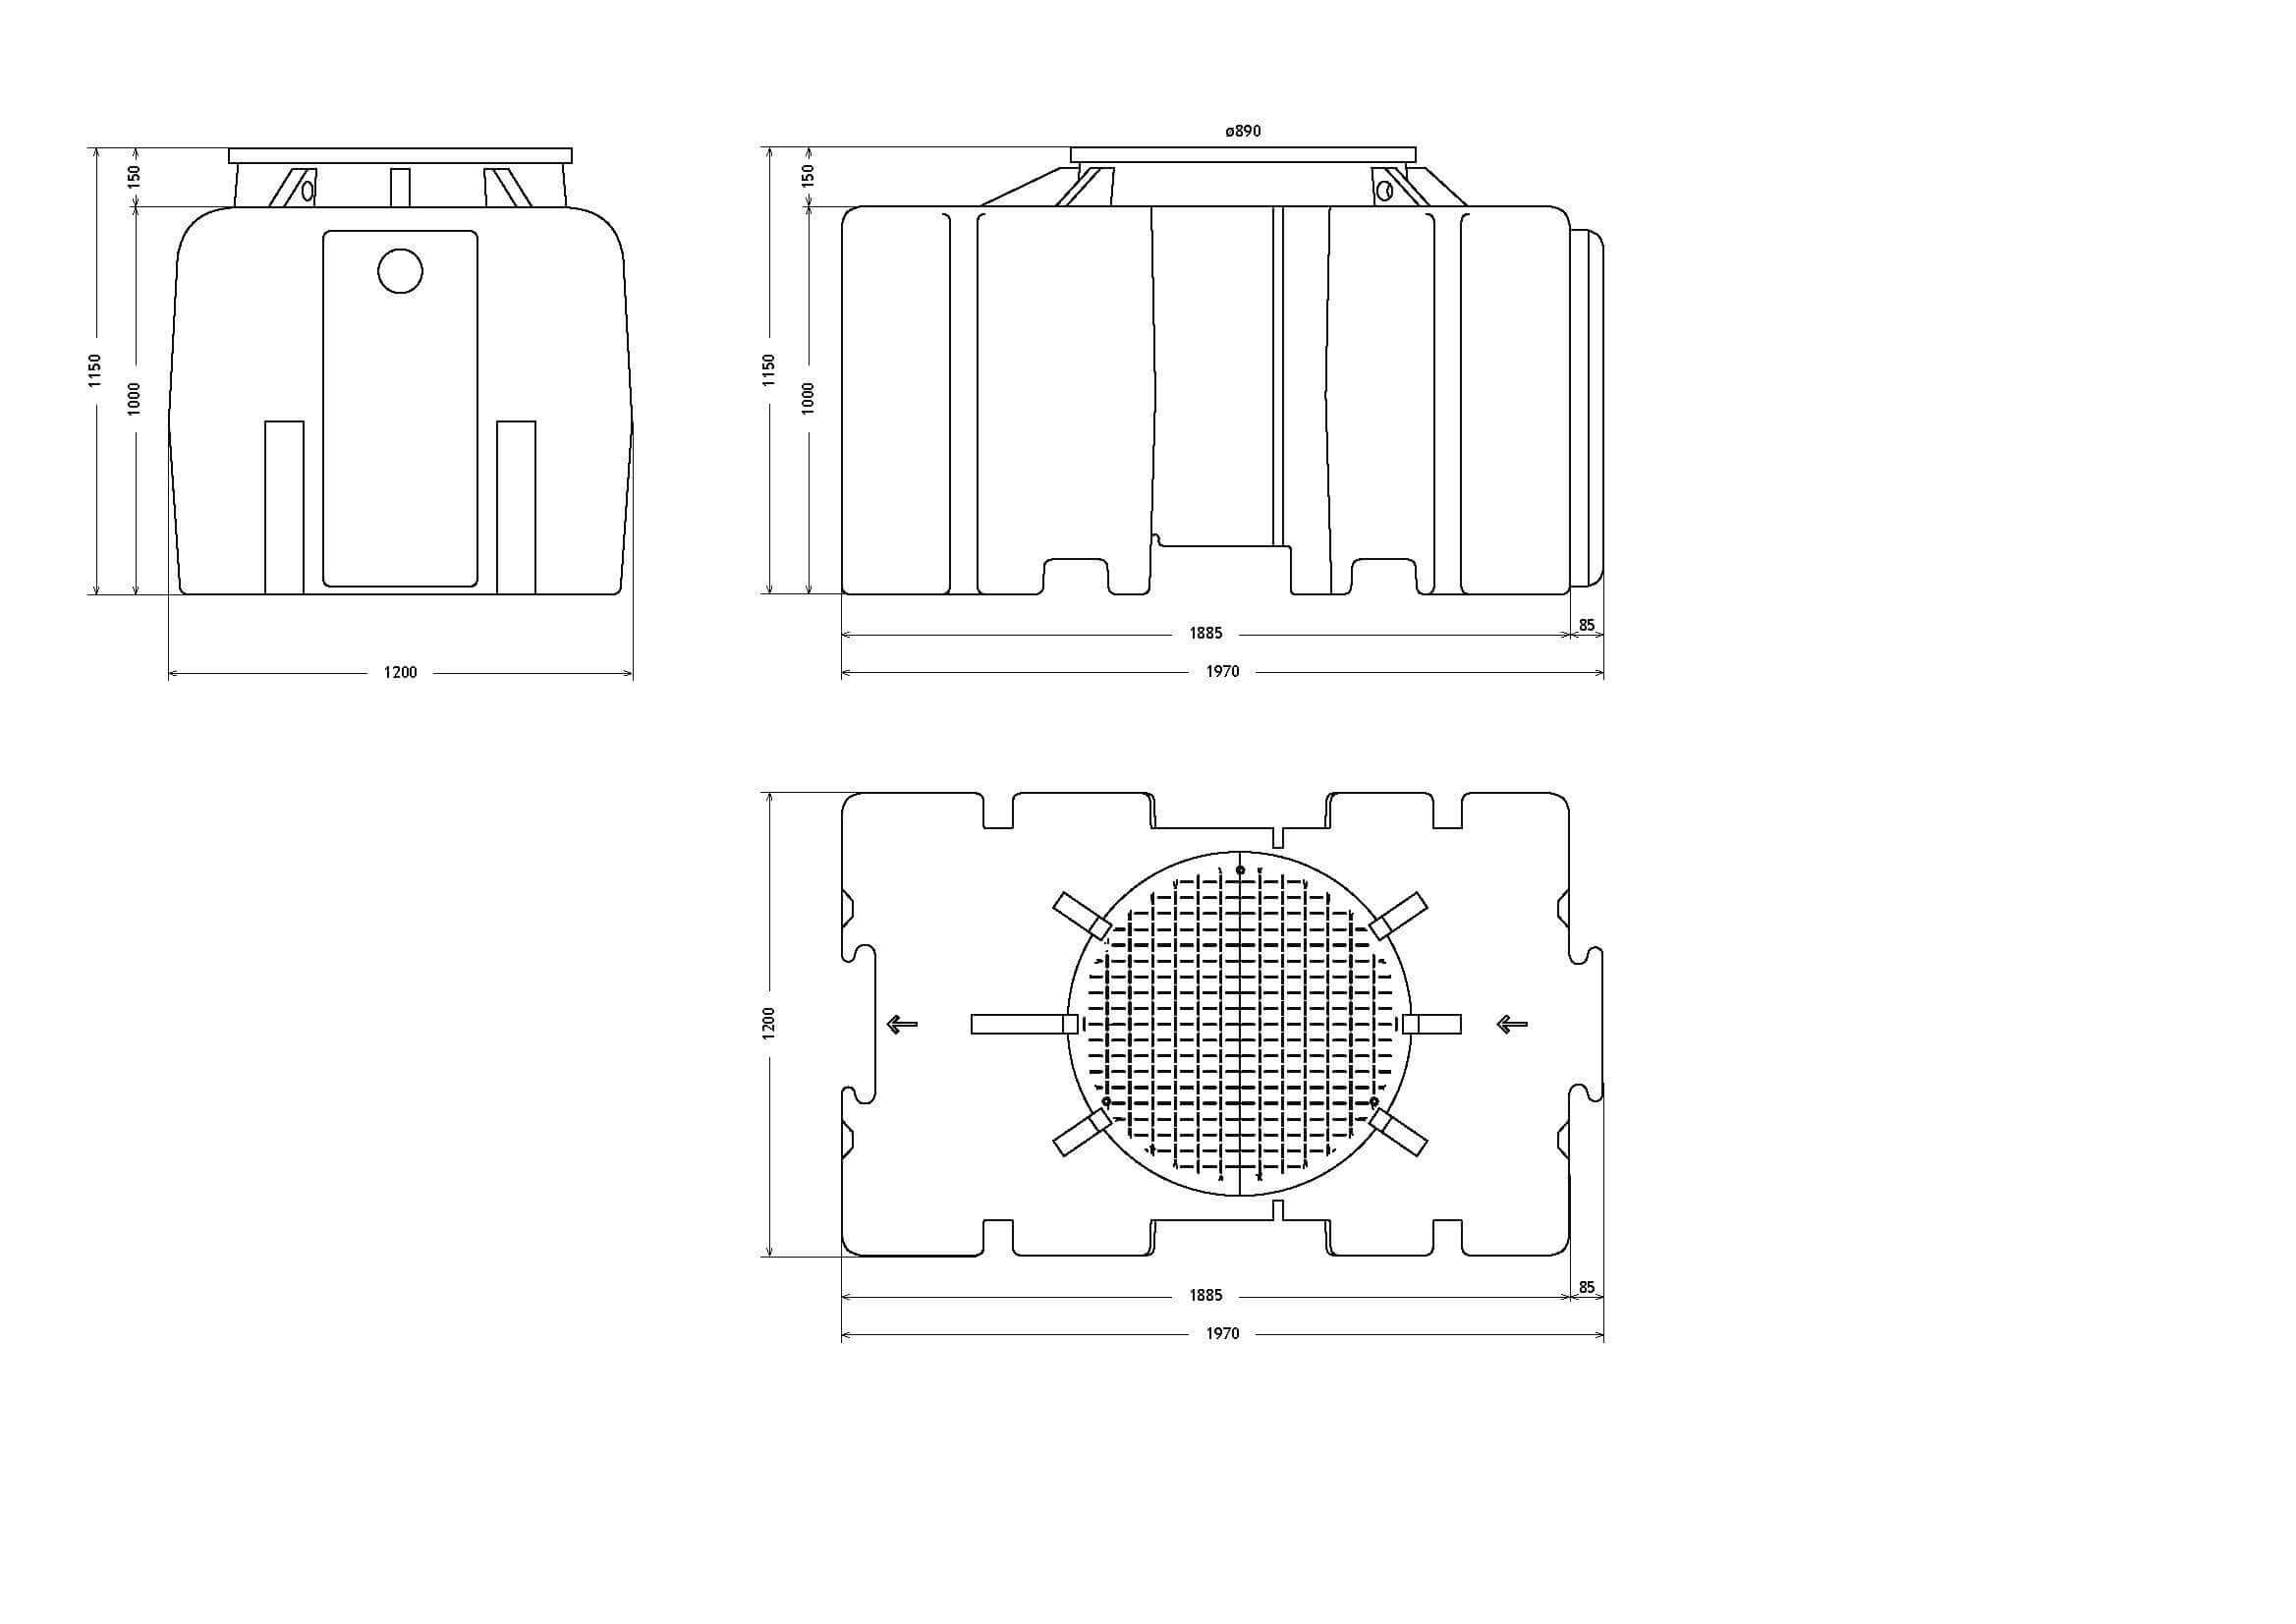 etar's compactas ETAR's Compactas 1500Litros Page 1